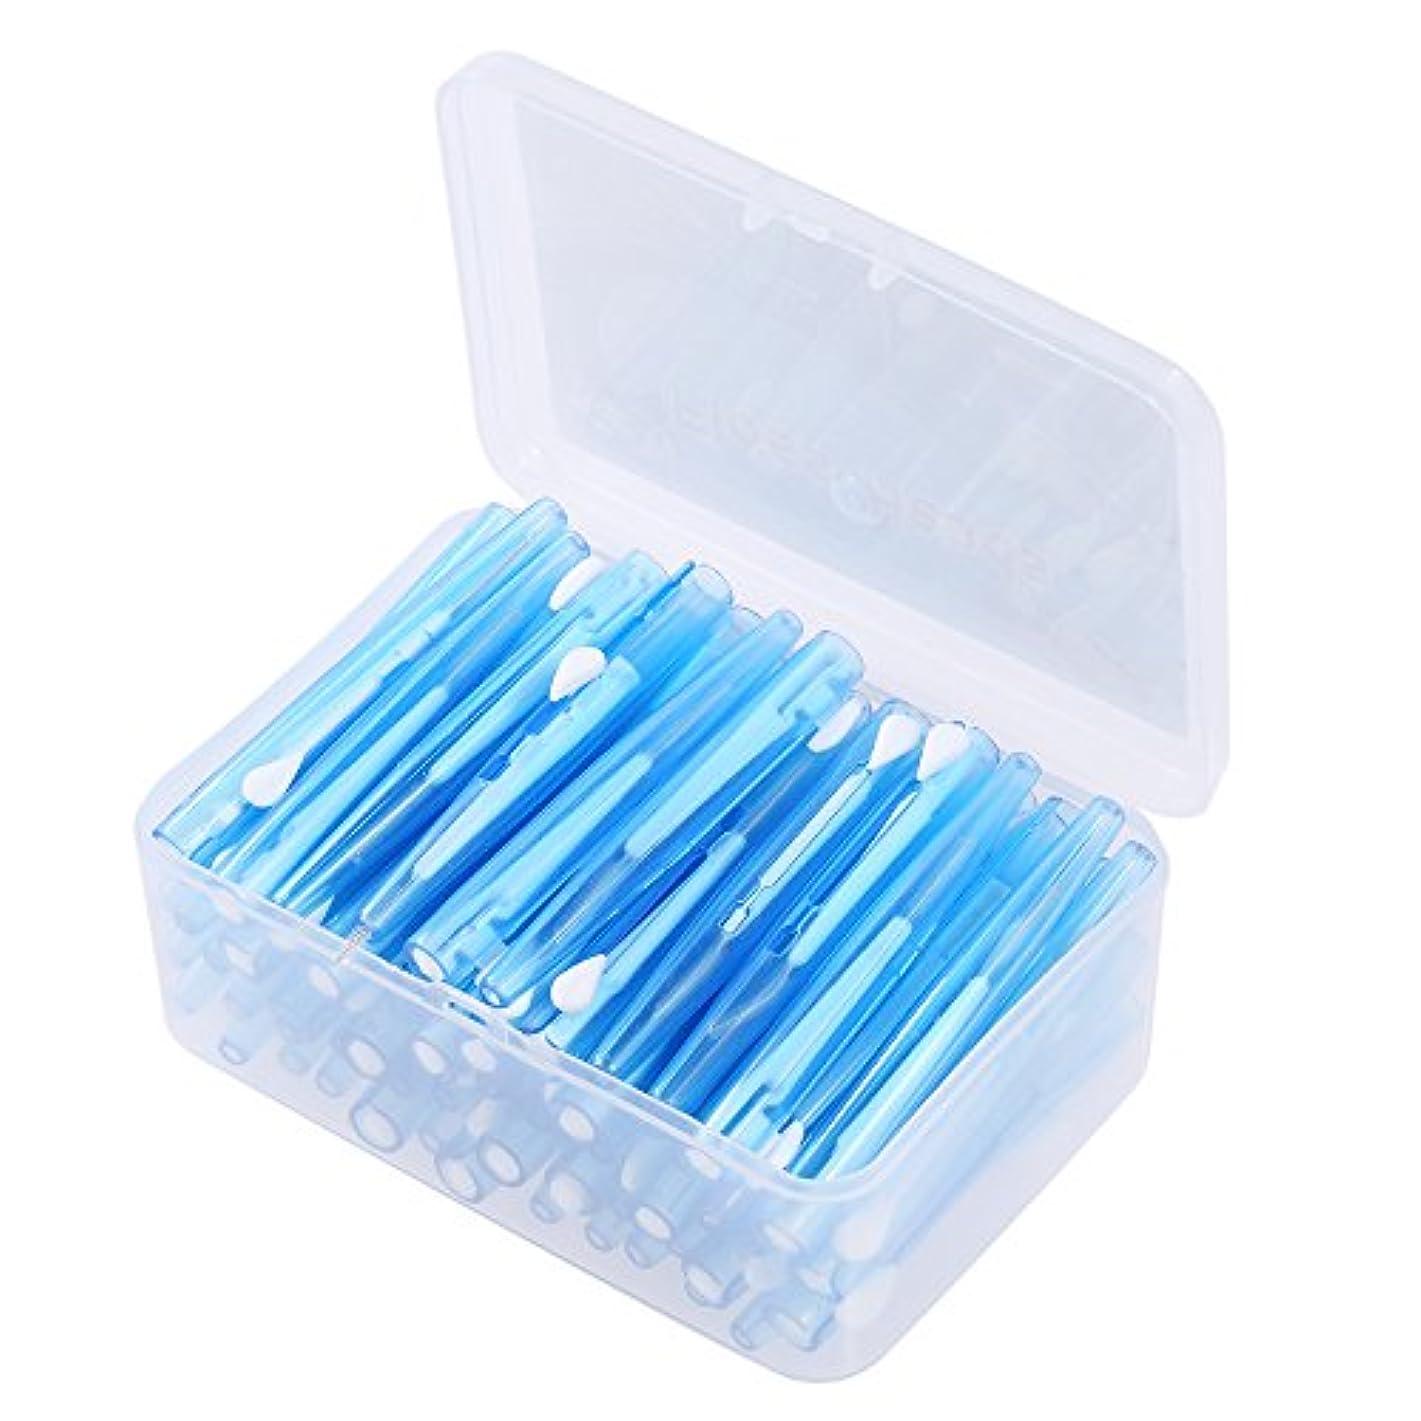 Decdeal デンタルフロスピック 60個/箱 デンタルブラシ ディープクリーンヘルスケア用 歯ティルトピック リフィルインター